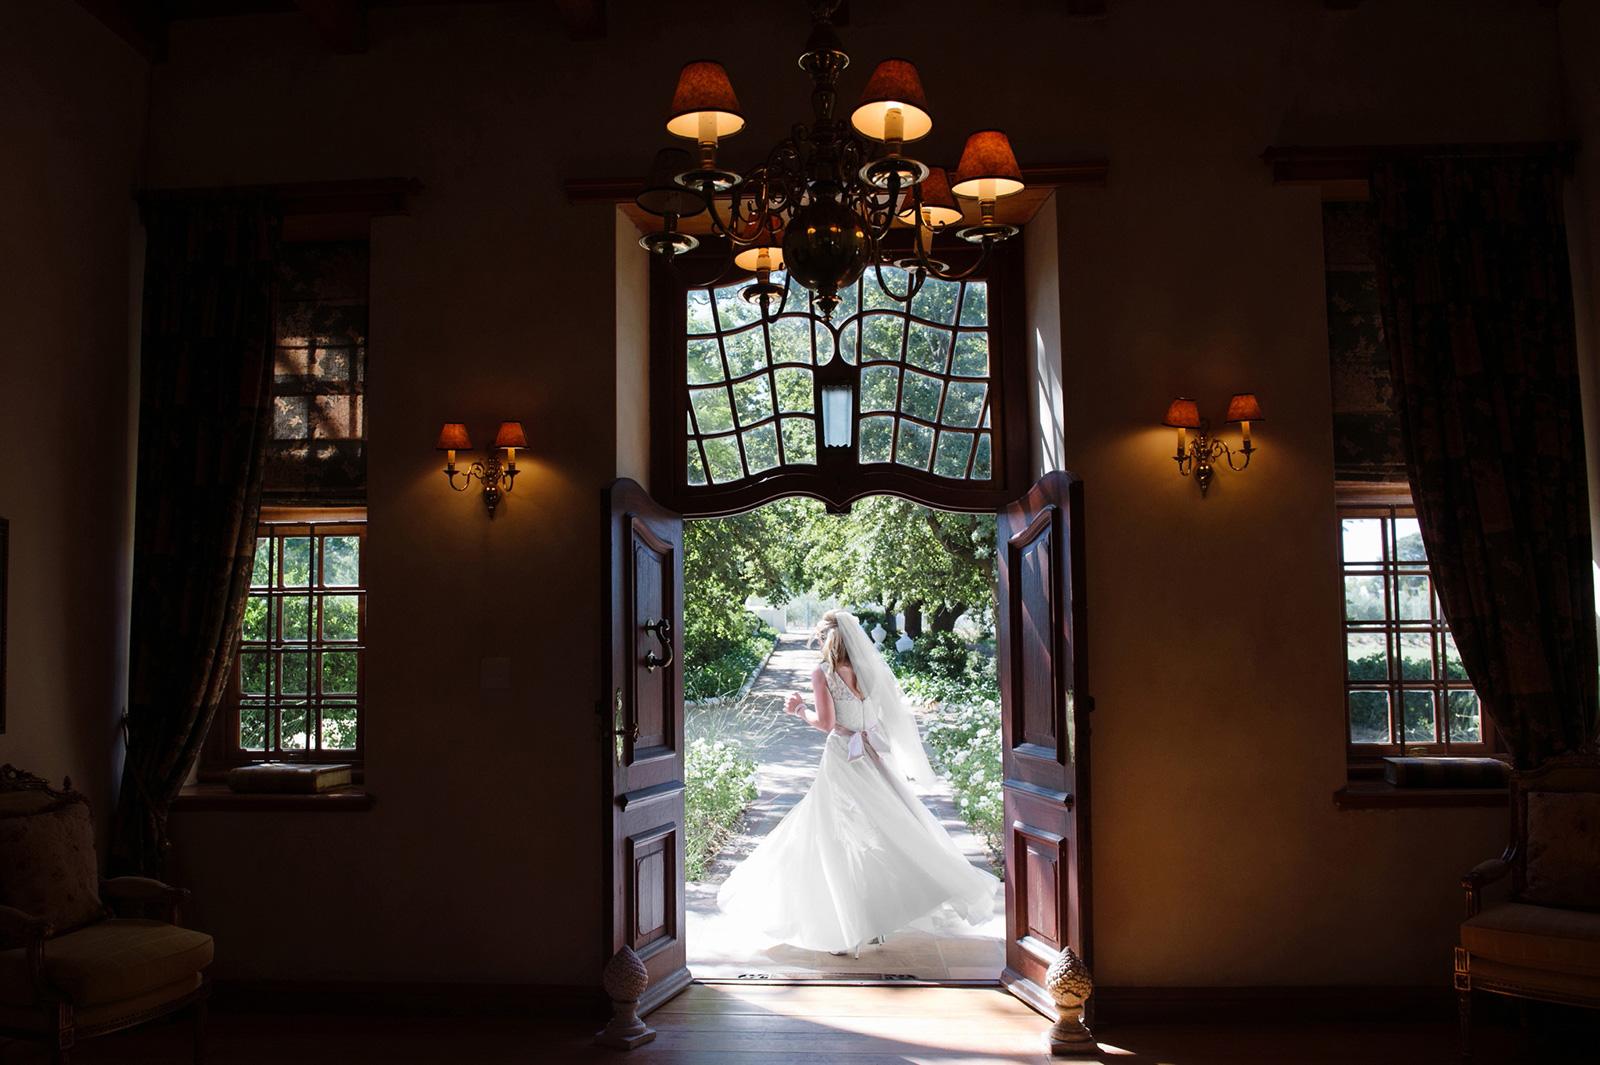 Historical wedding fairytale